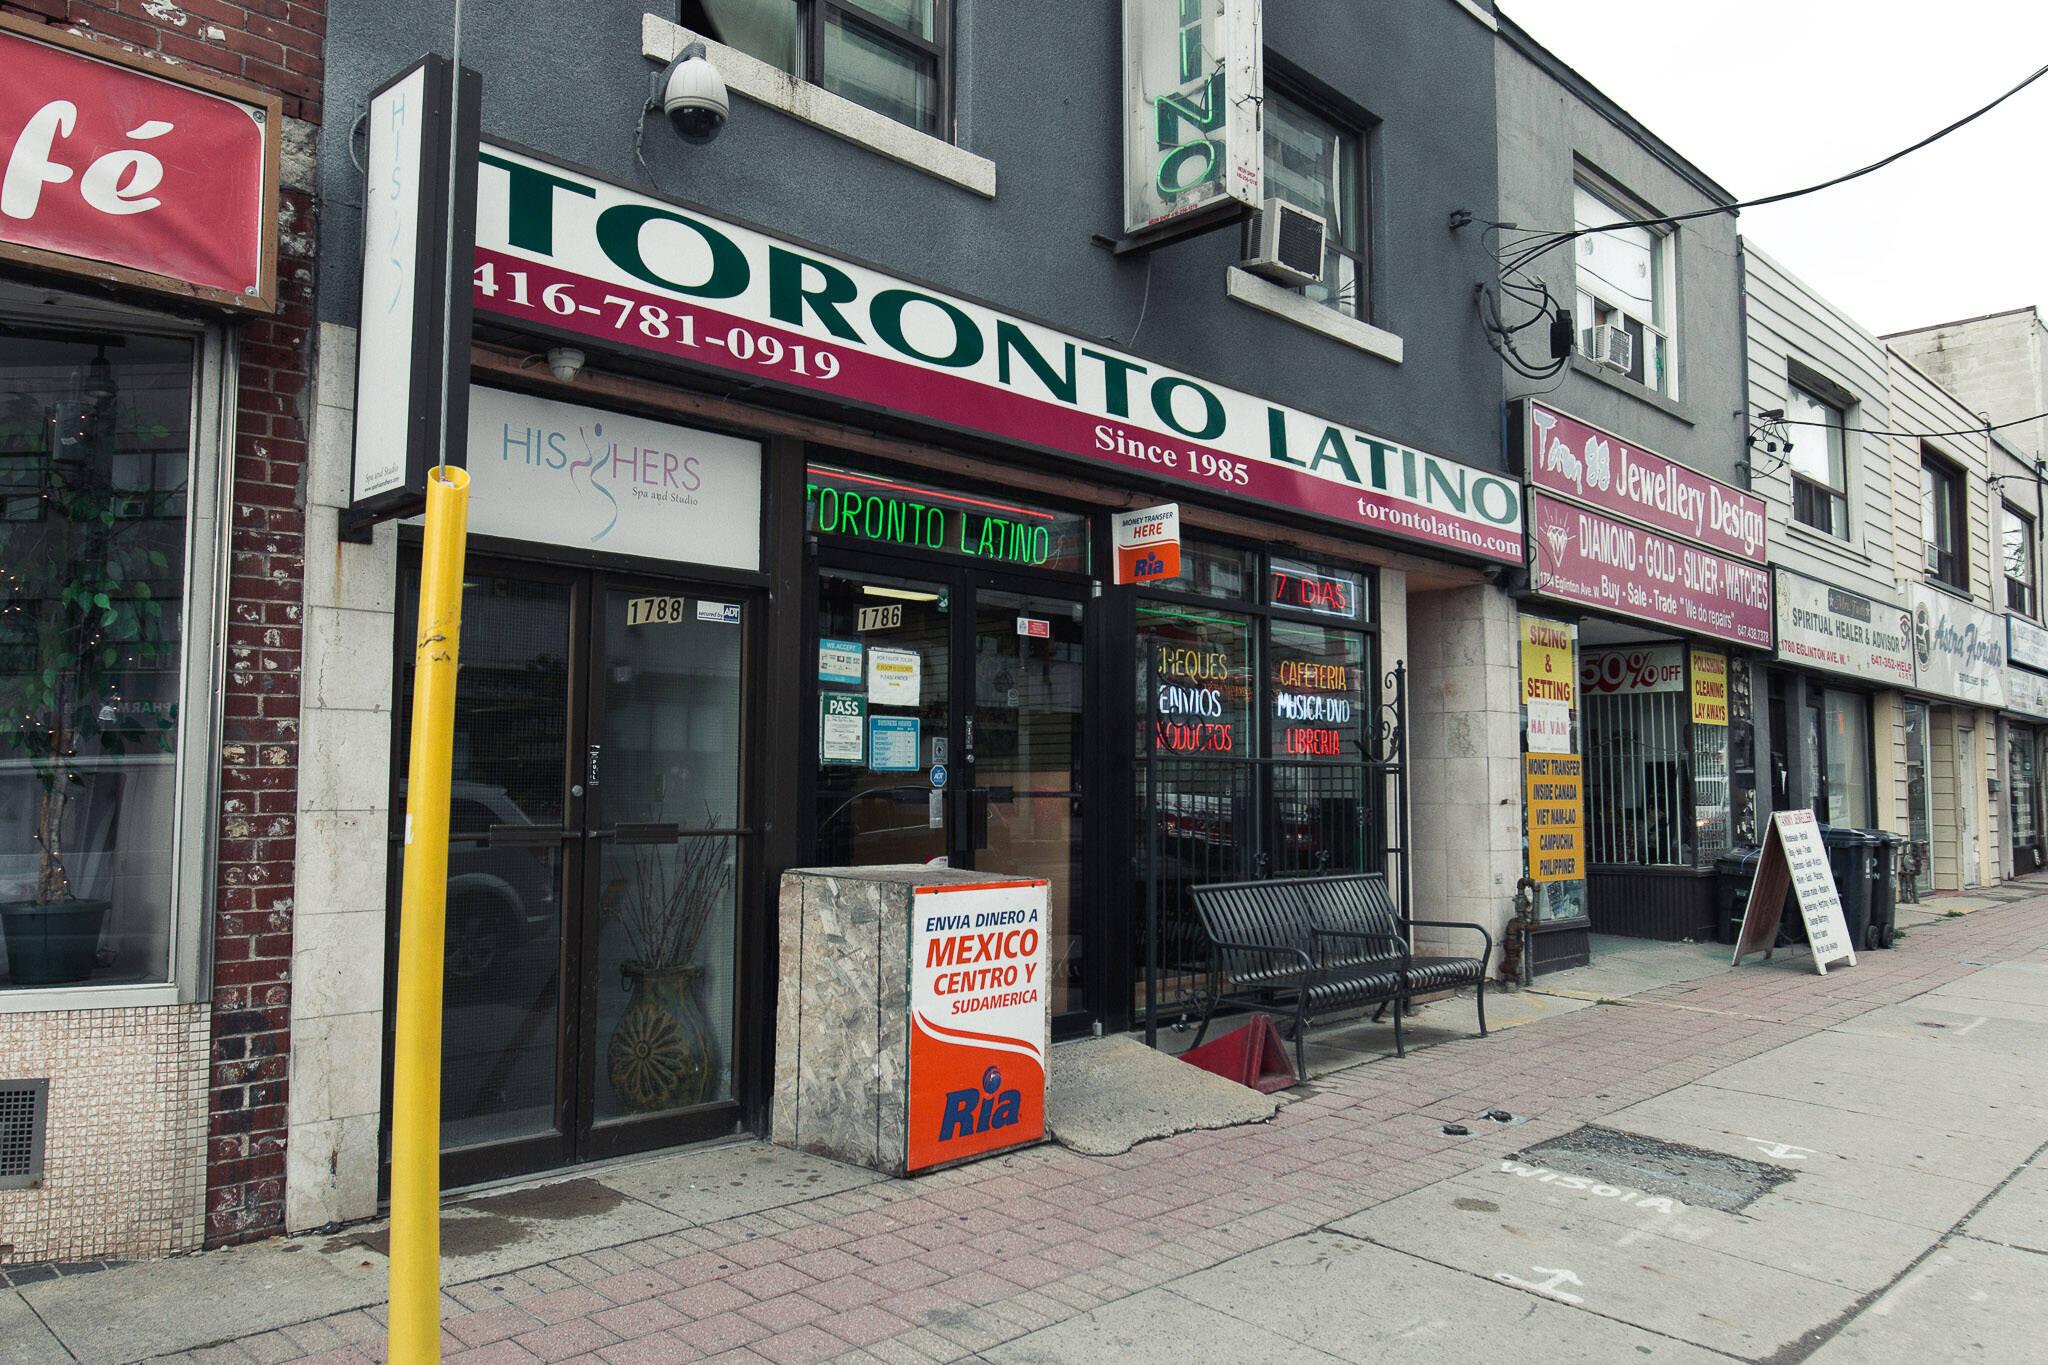 Toronto Latino